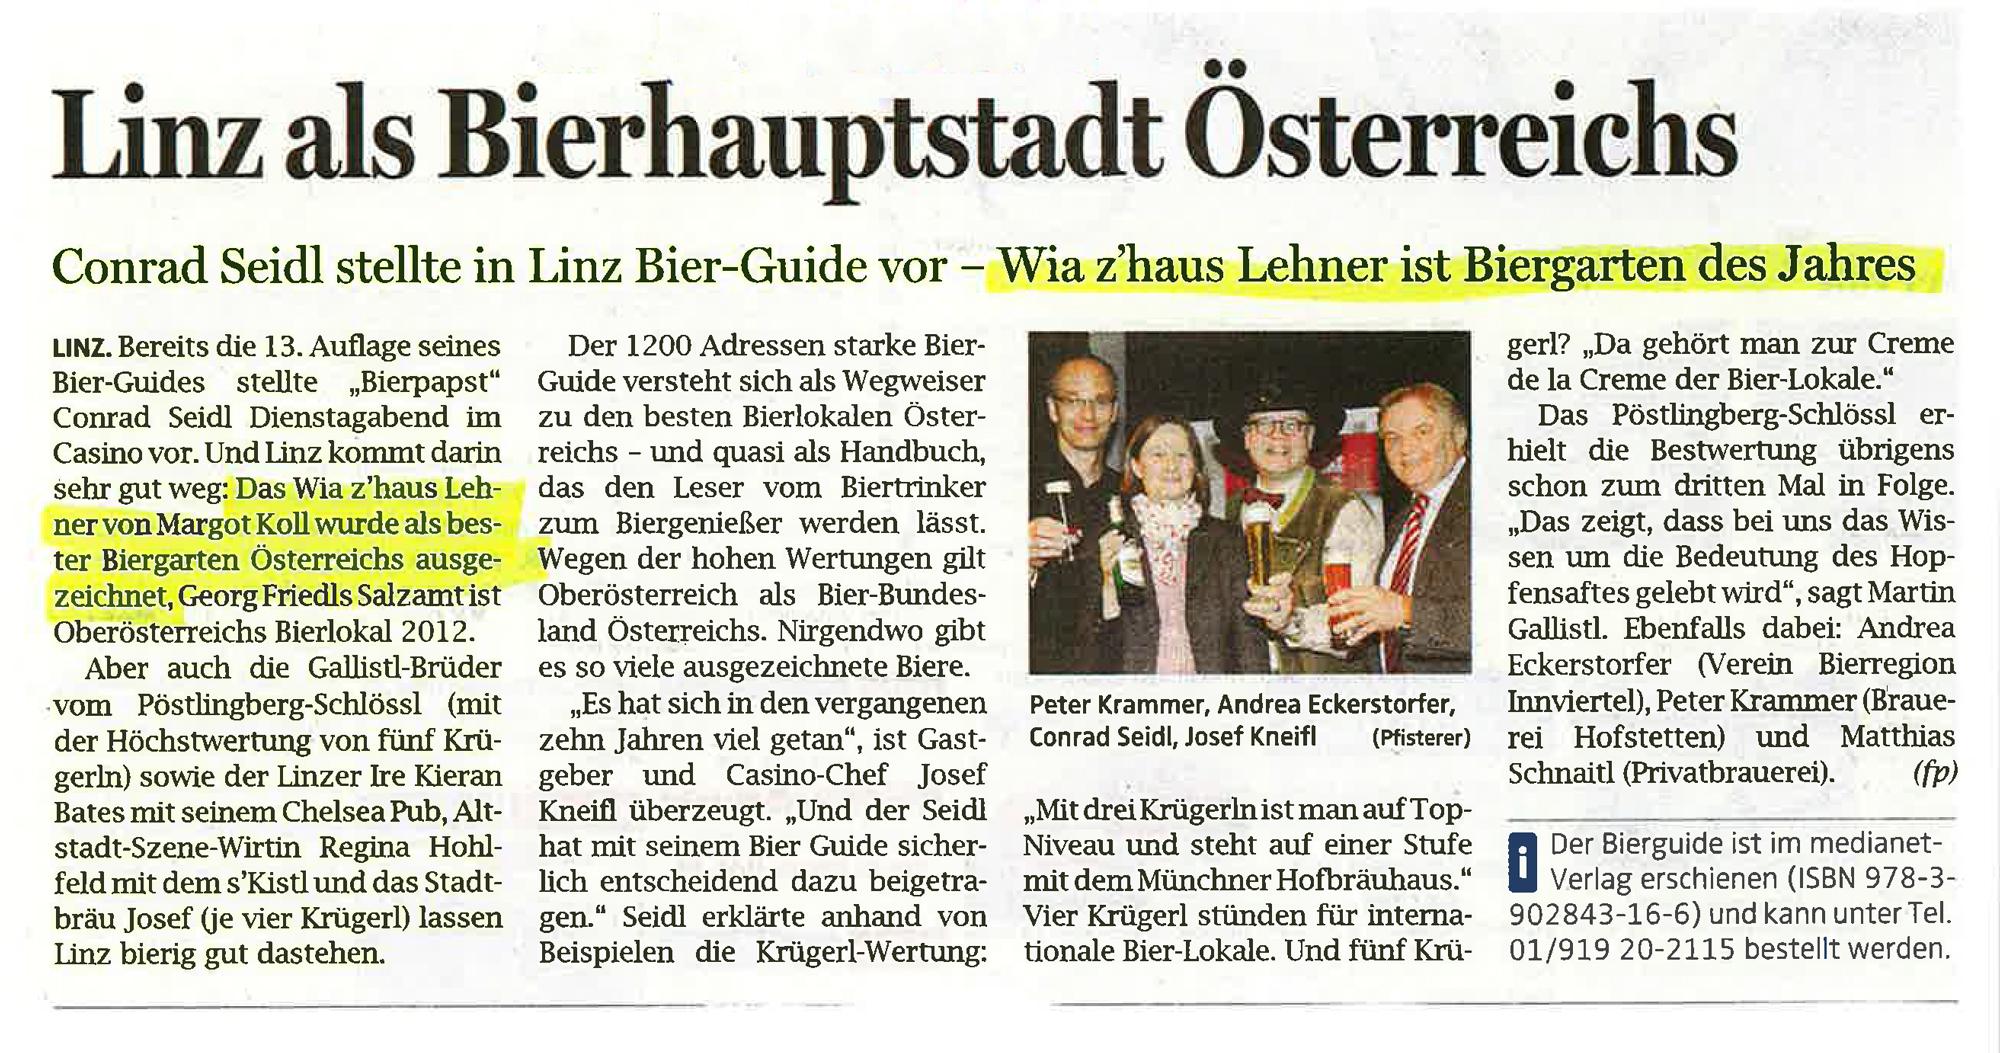 Wiazhaus_Lehner_Presse_07